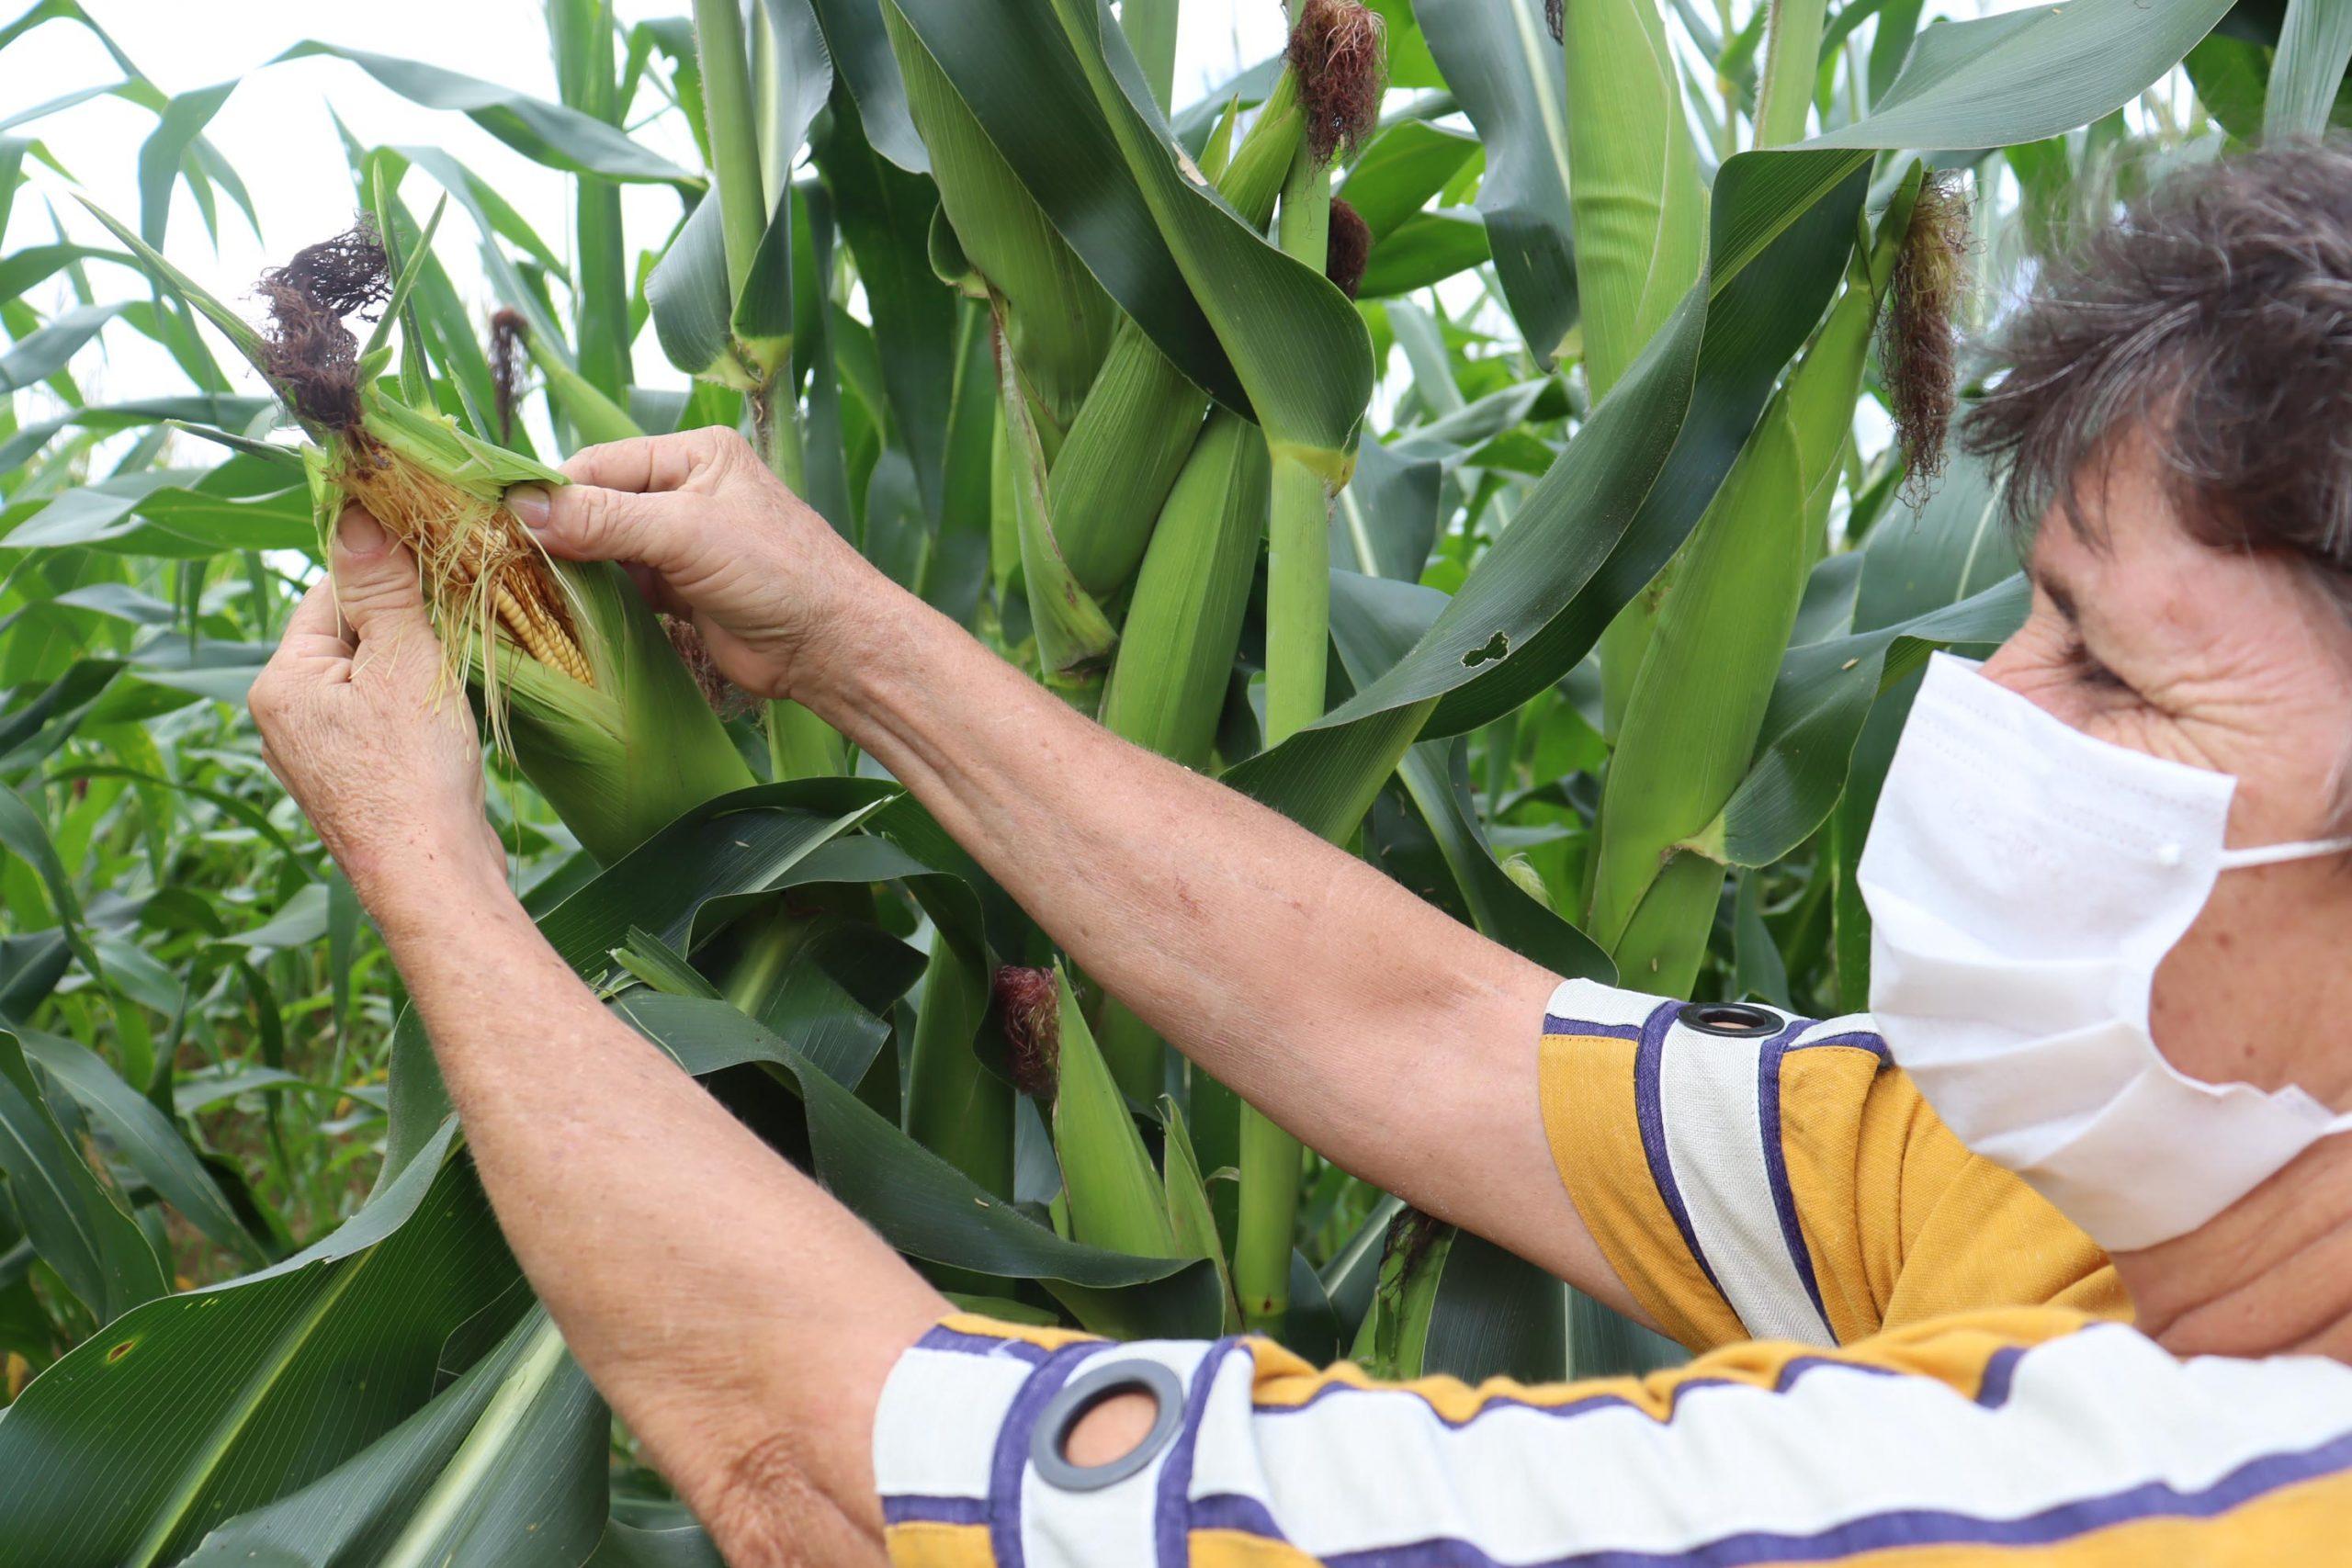 Projeto agrícola da Cenibra produz 100 toneladas de alimentos por ano